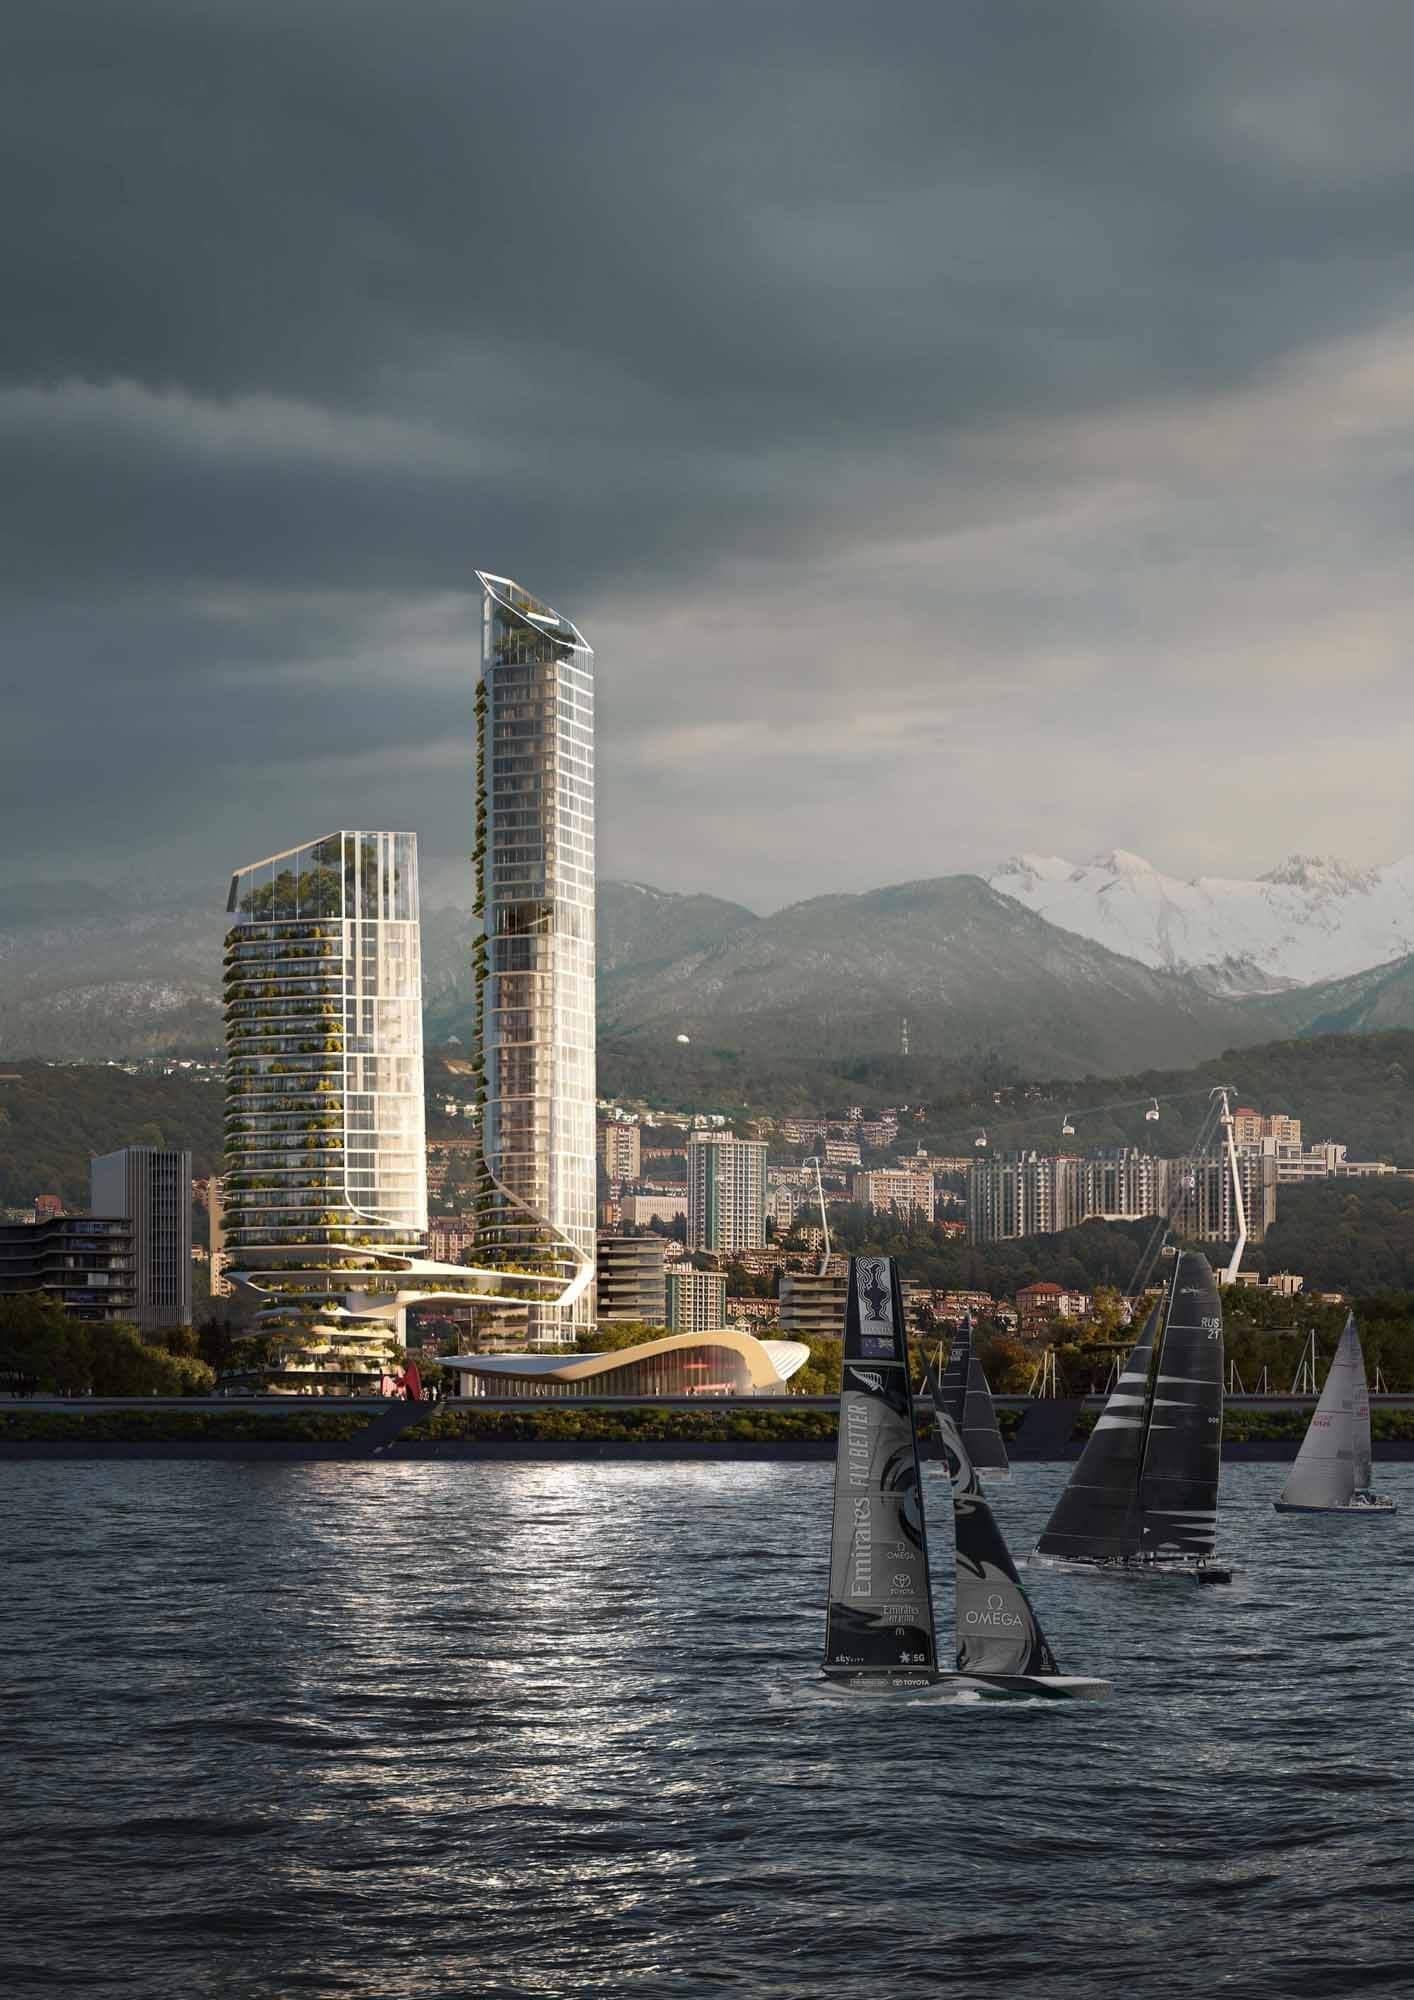 Генеральный план UNStudio превращает набережную Сочи в инклюзивный район и круглогодичное направление